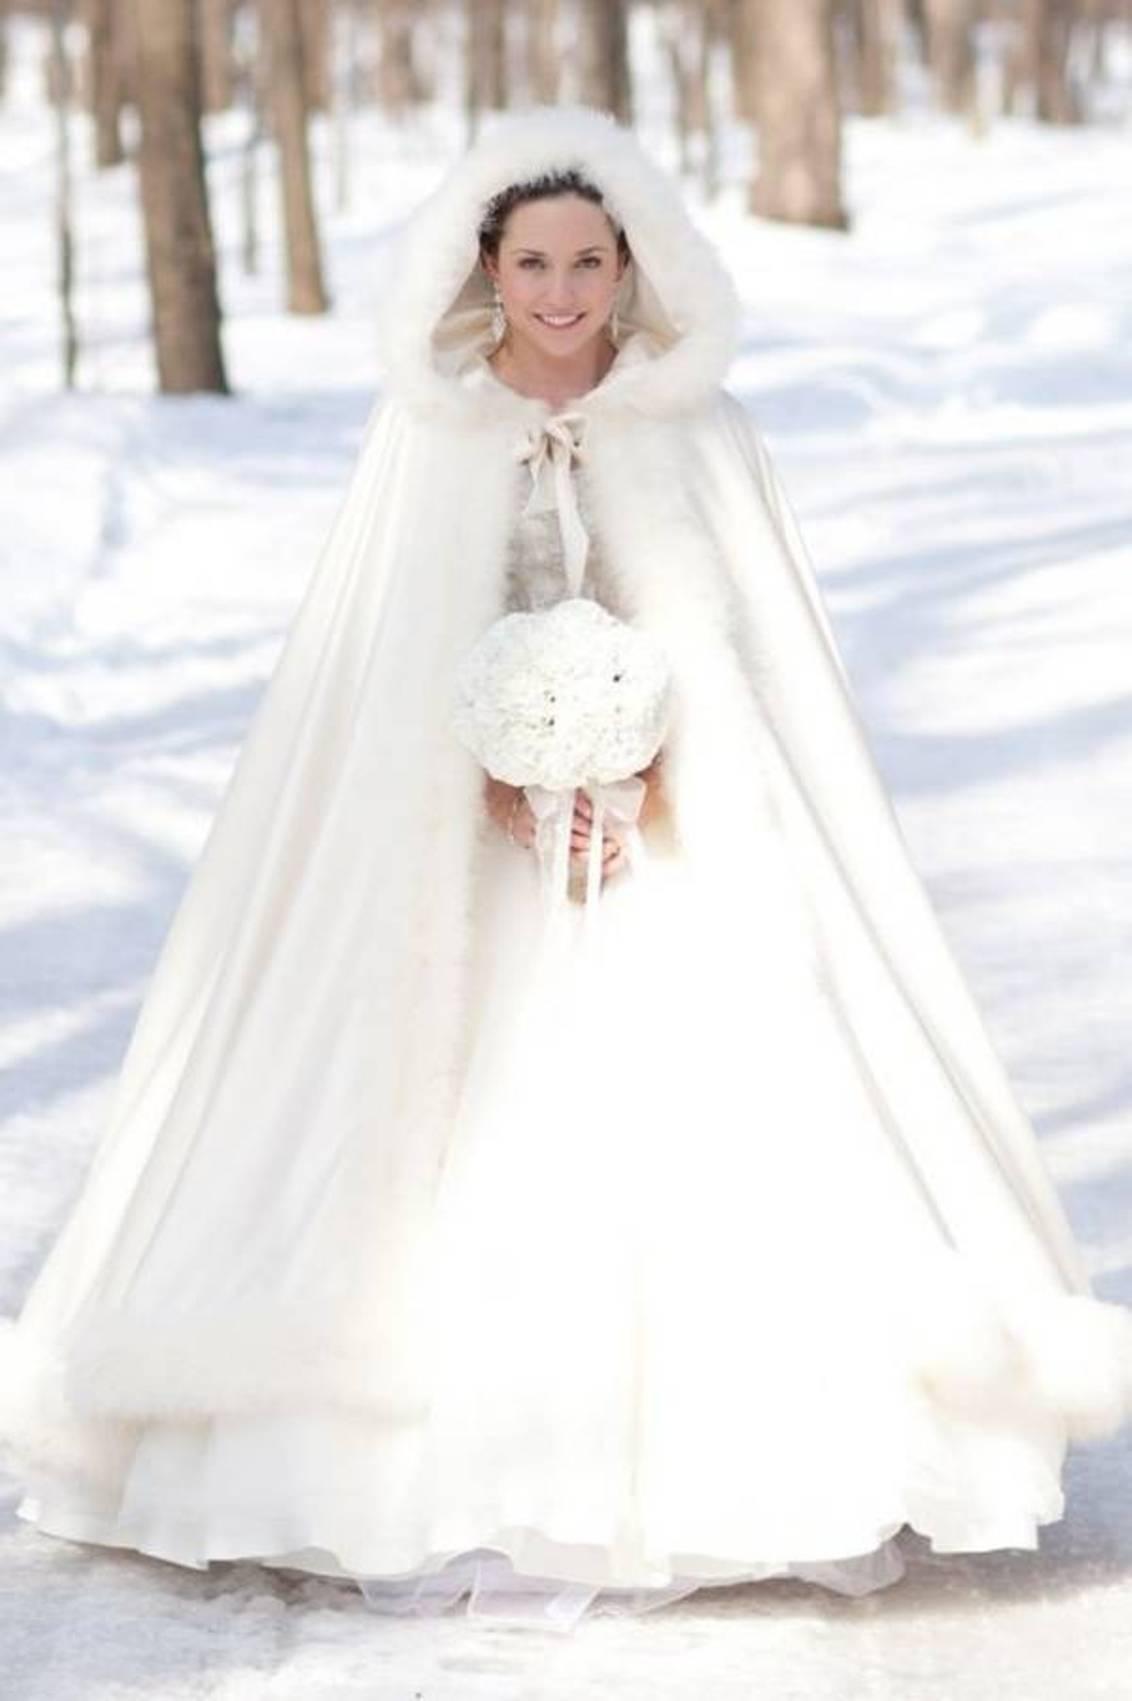 Jurk Voor Bruiloft Winter.De Winter Bruiloft